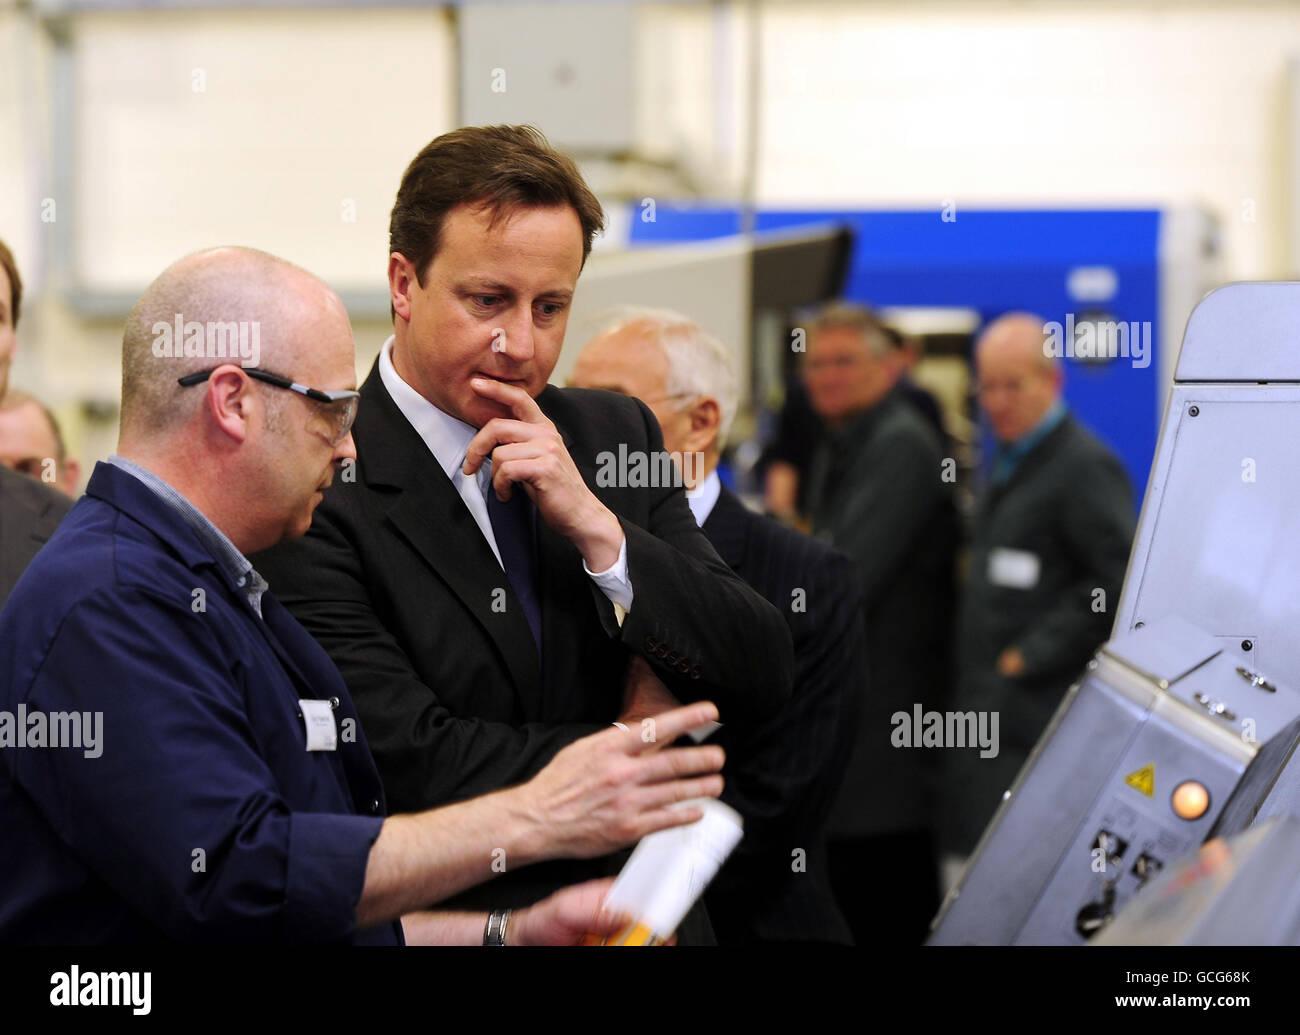 El primer ministro David Cameron visita el taller mientras el trabajo continúa en el edificio de innovaciones quirúrgicas en Leeds, los fabricantes de equipos médicos de alta tecnología. Foto de stock